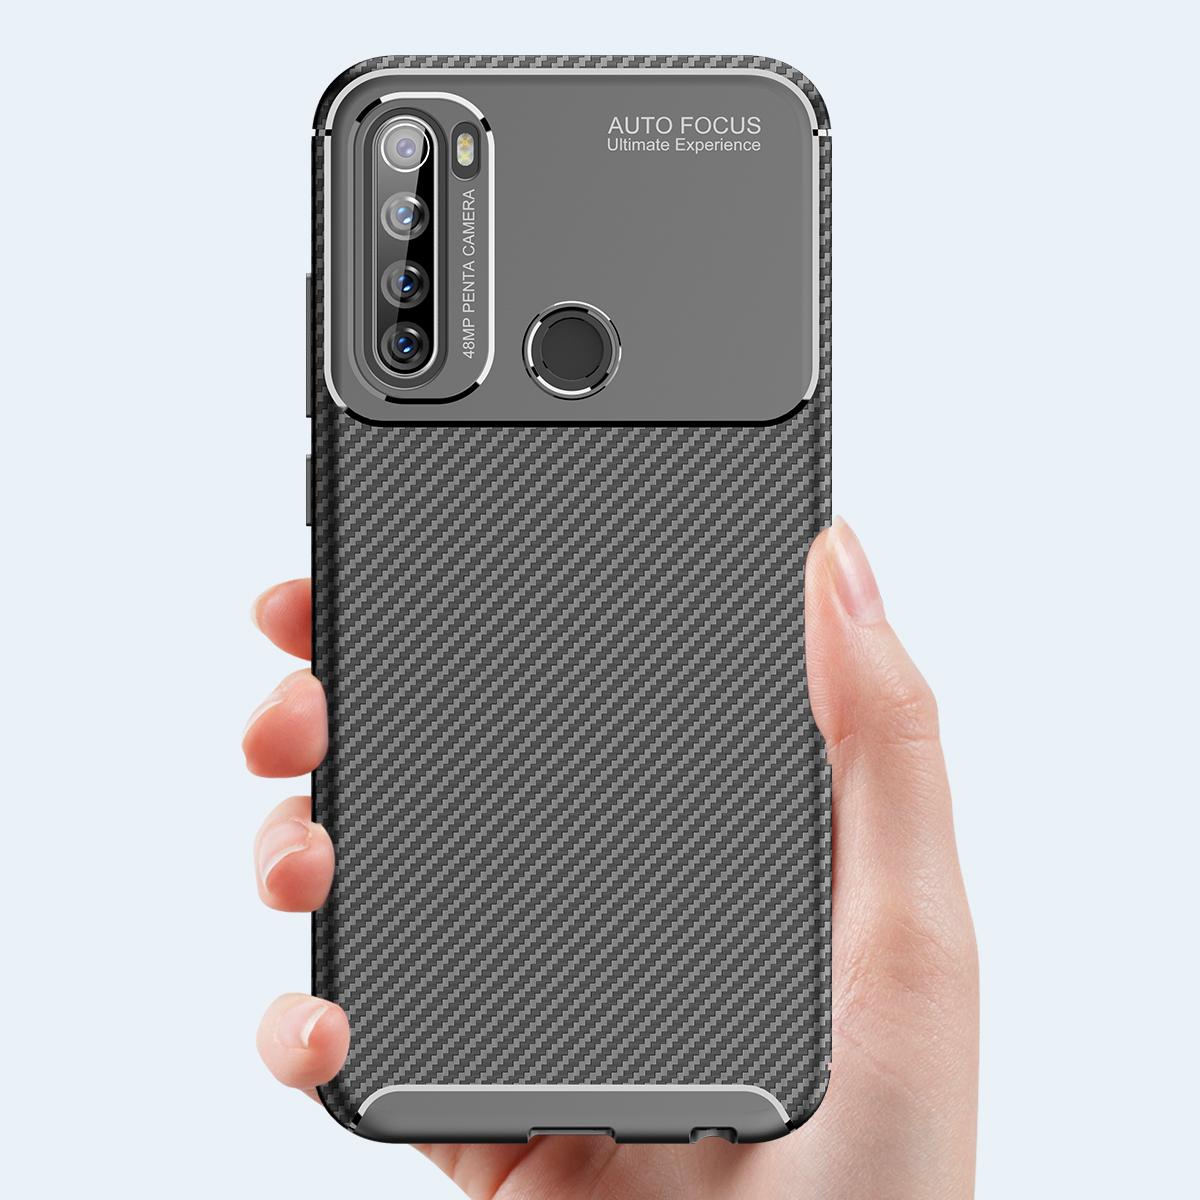 Для Xiaomi Redmi Note 8T Чехол Bakeey Luxury Carbon Fiber Противоударный Силиконовый Защитный Чехол